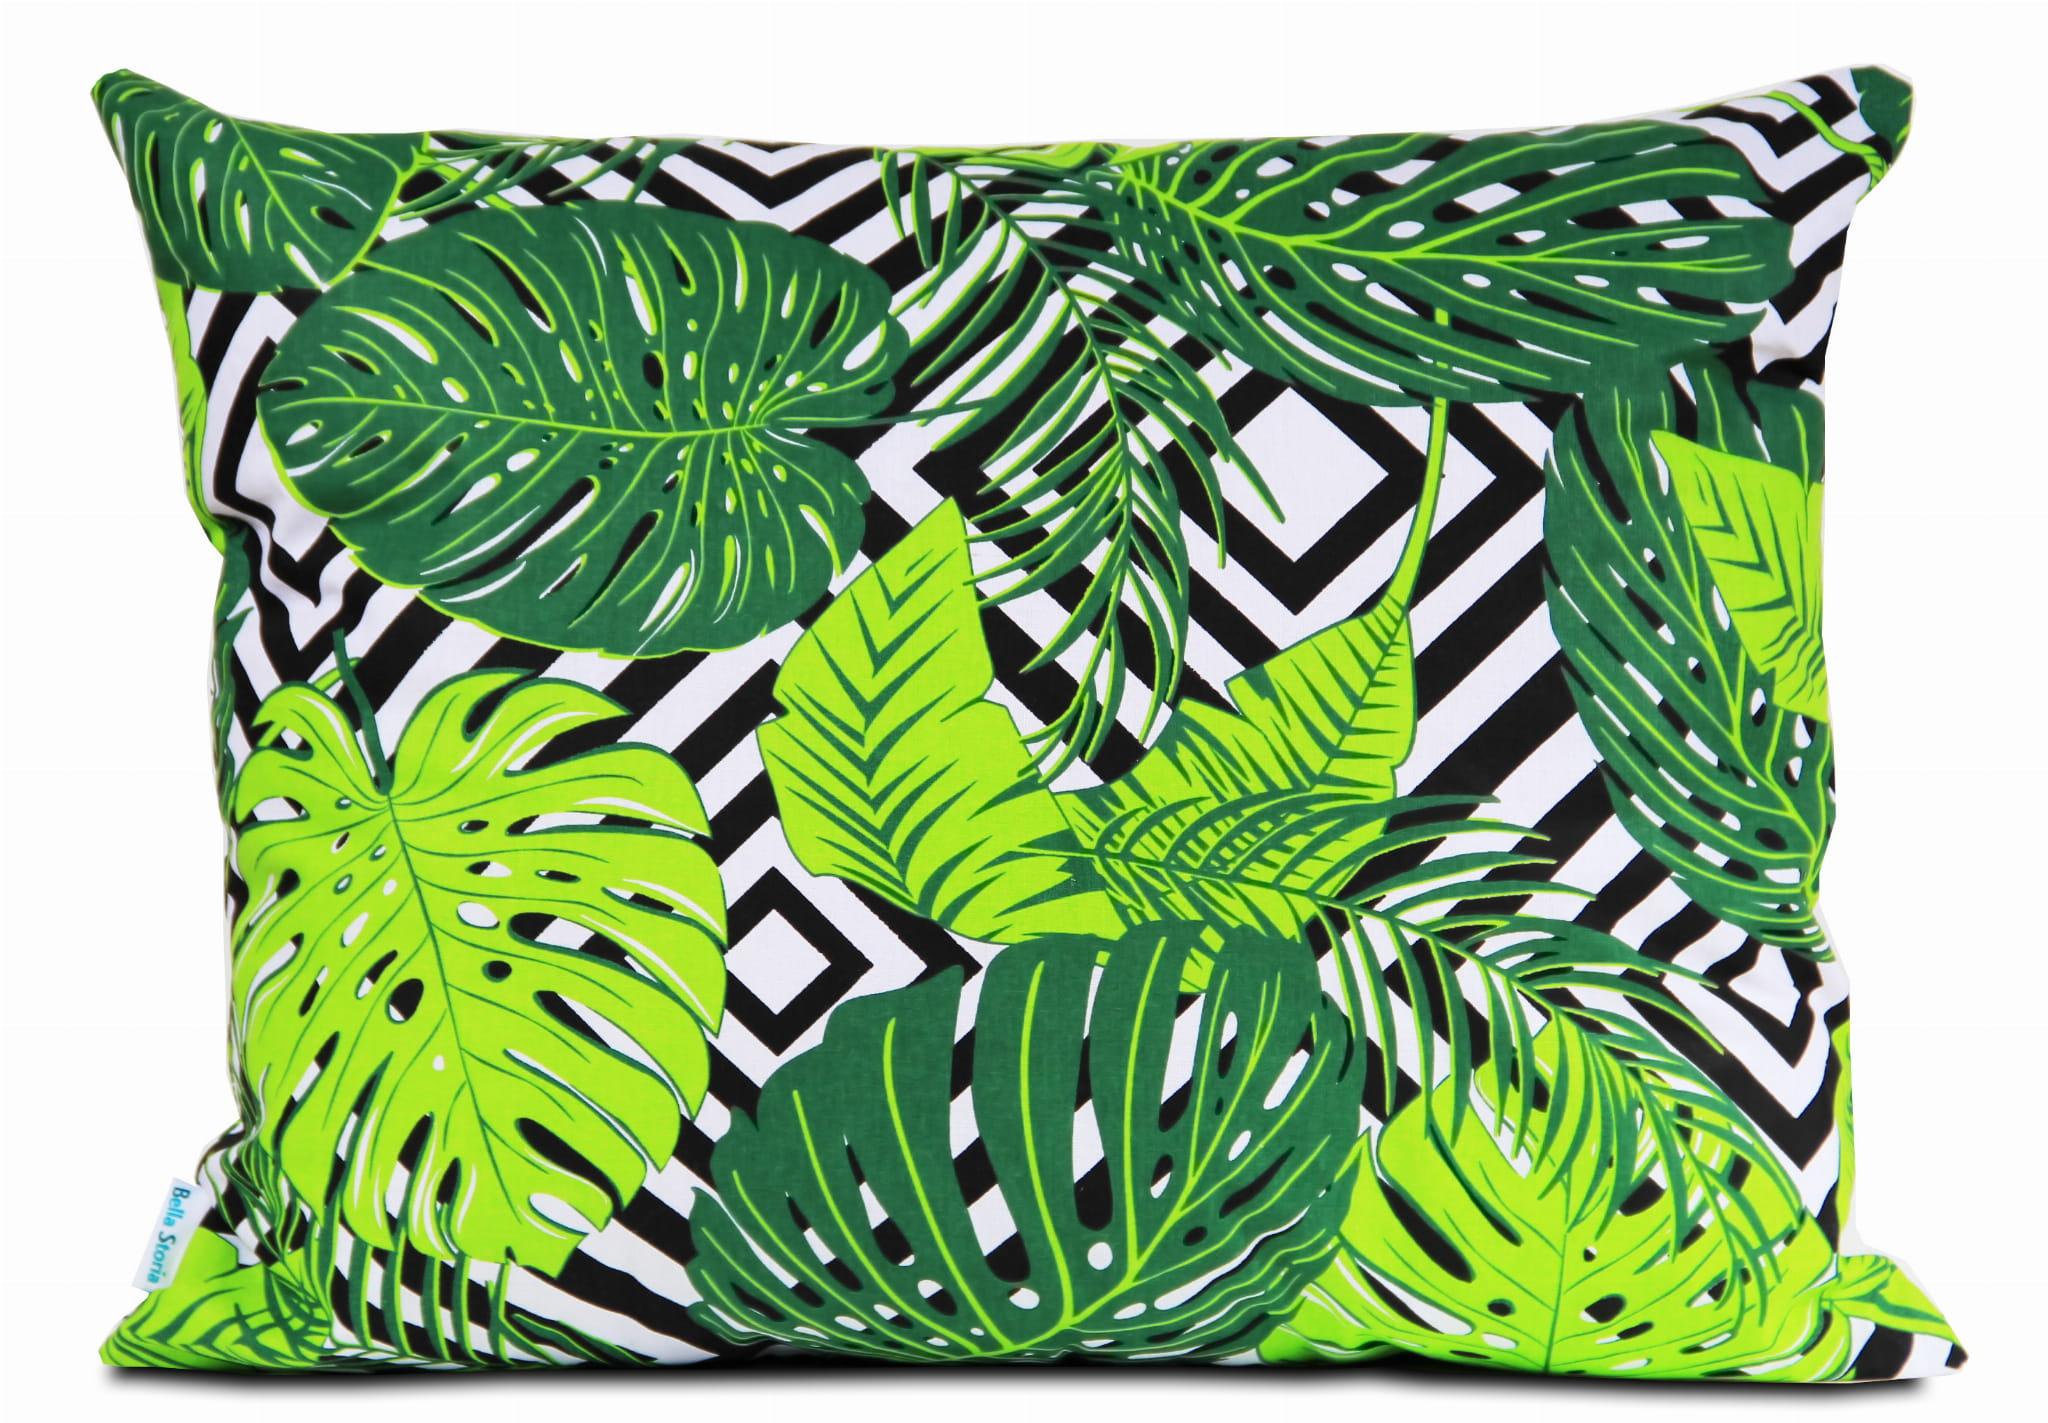 Poszewka Bawełniana Green Leaves Liście 50x60